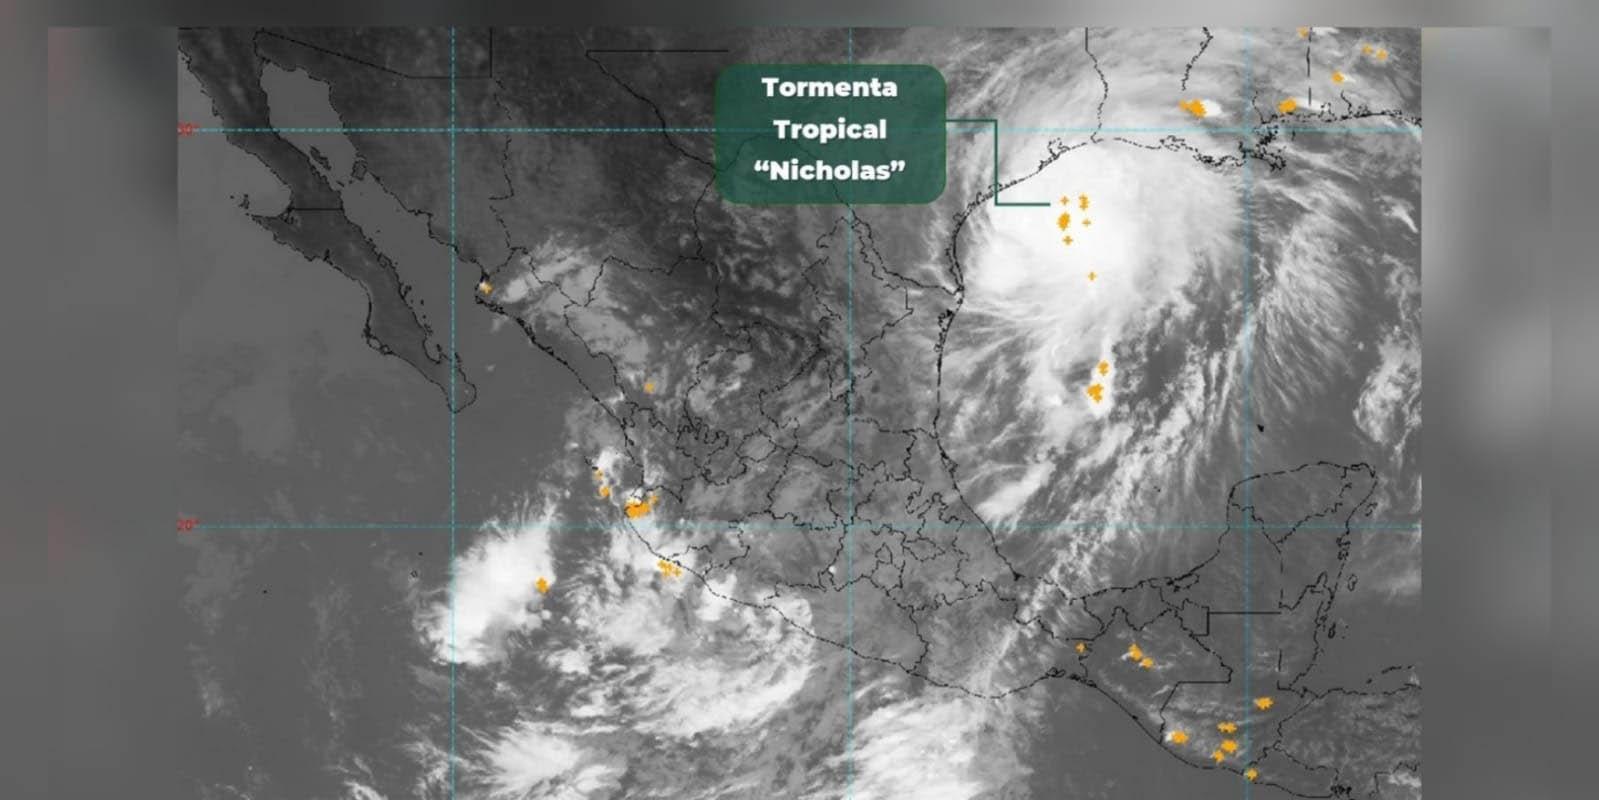 Autoridades alertan en Texas por tormenta 'Nicholas'; se prevén fuertes lluvias e inundaciones   El Imparcial de Oaxaca